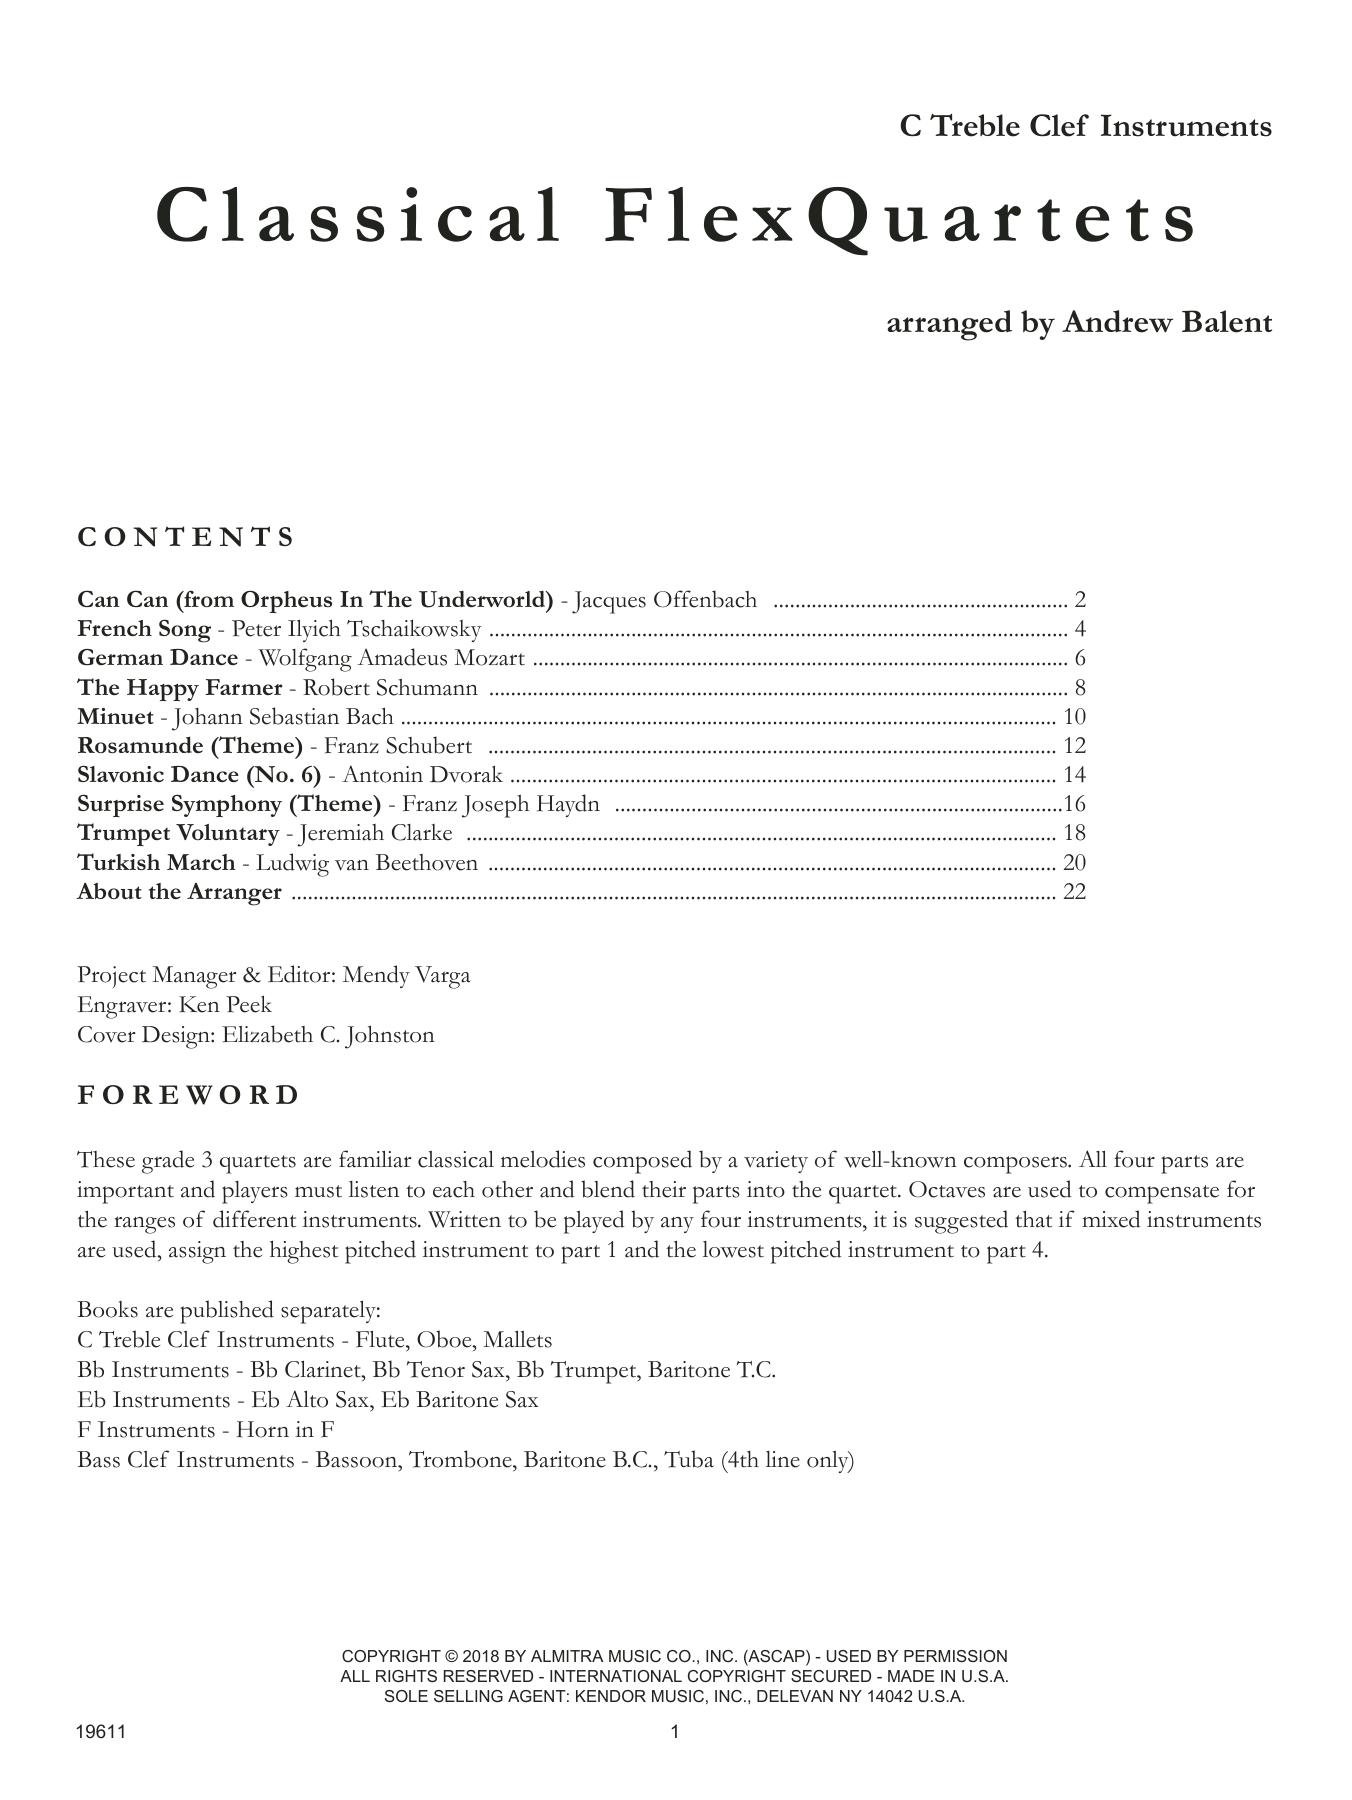 Classical FlexQuartets - C Treble Clef Instruments Sheet Music